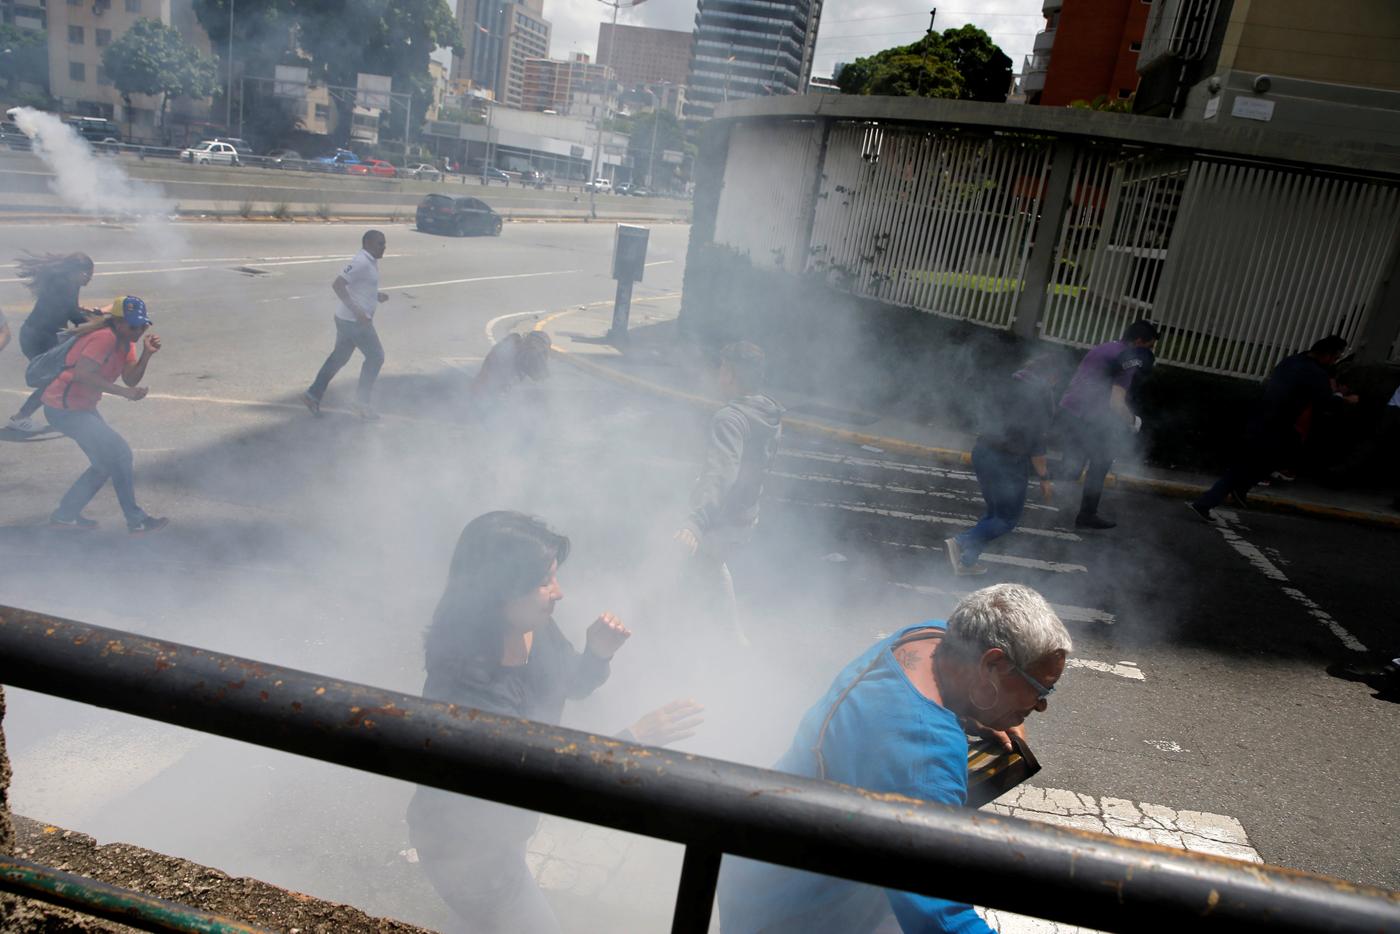 Foto: REUTERS/Ivan Alvarado